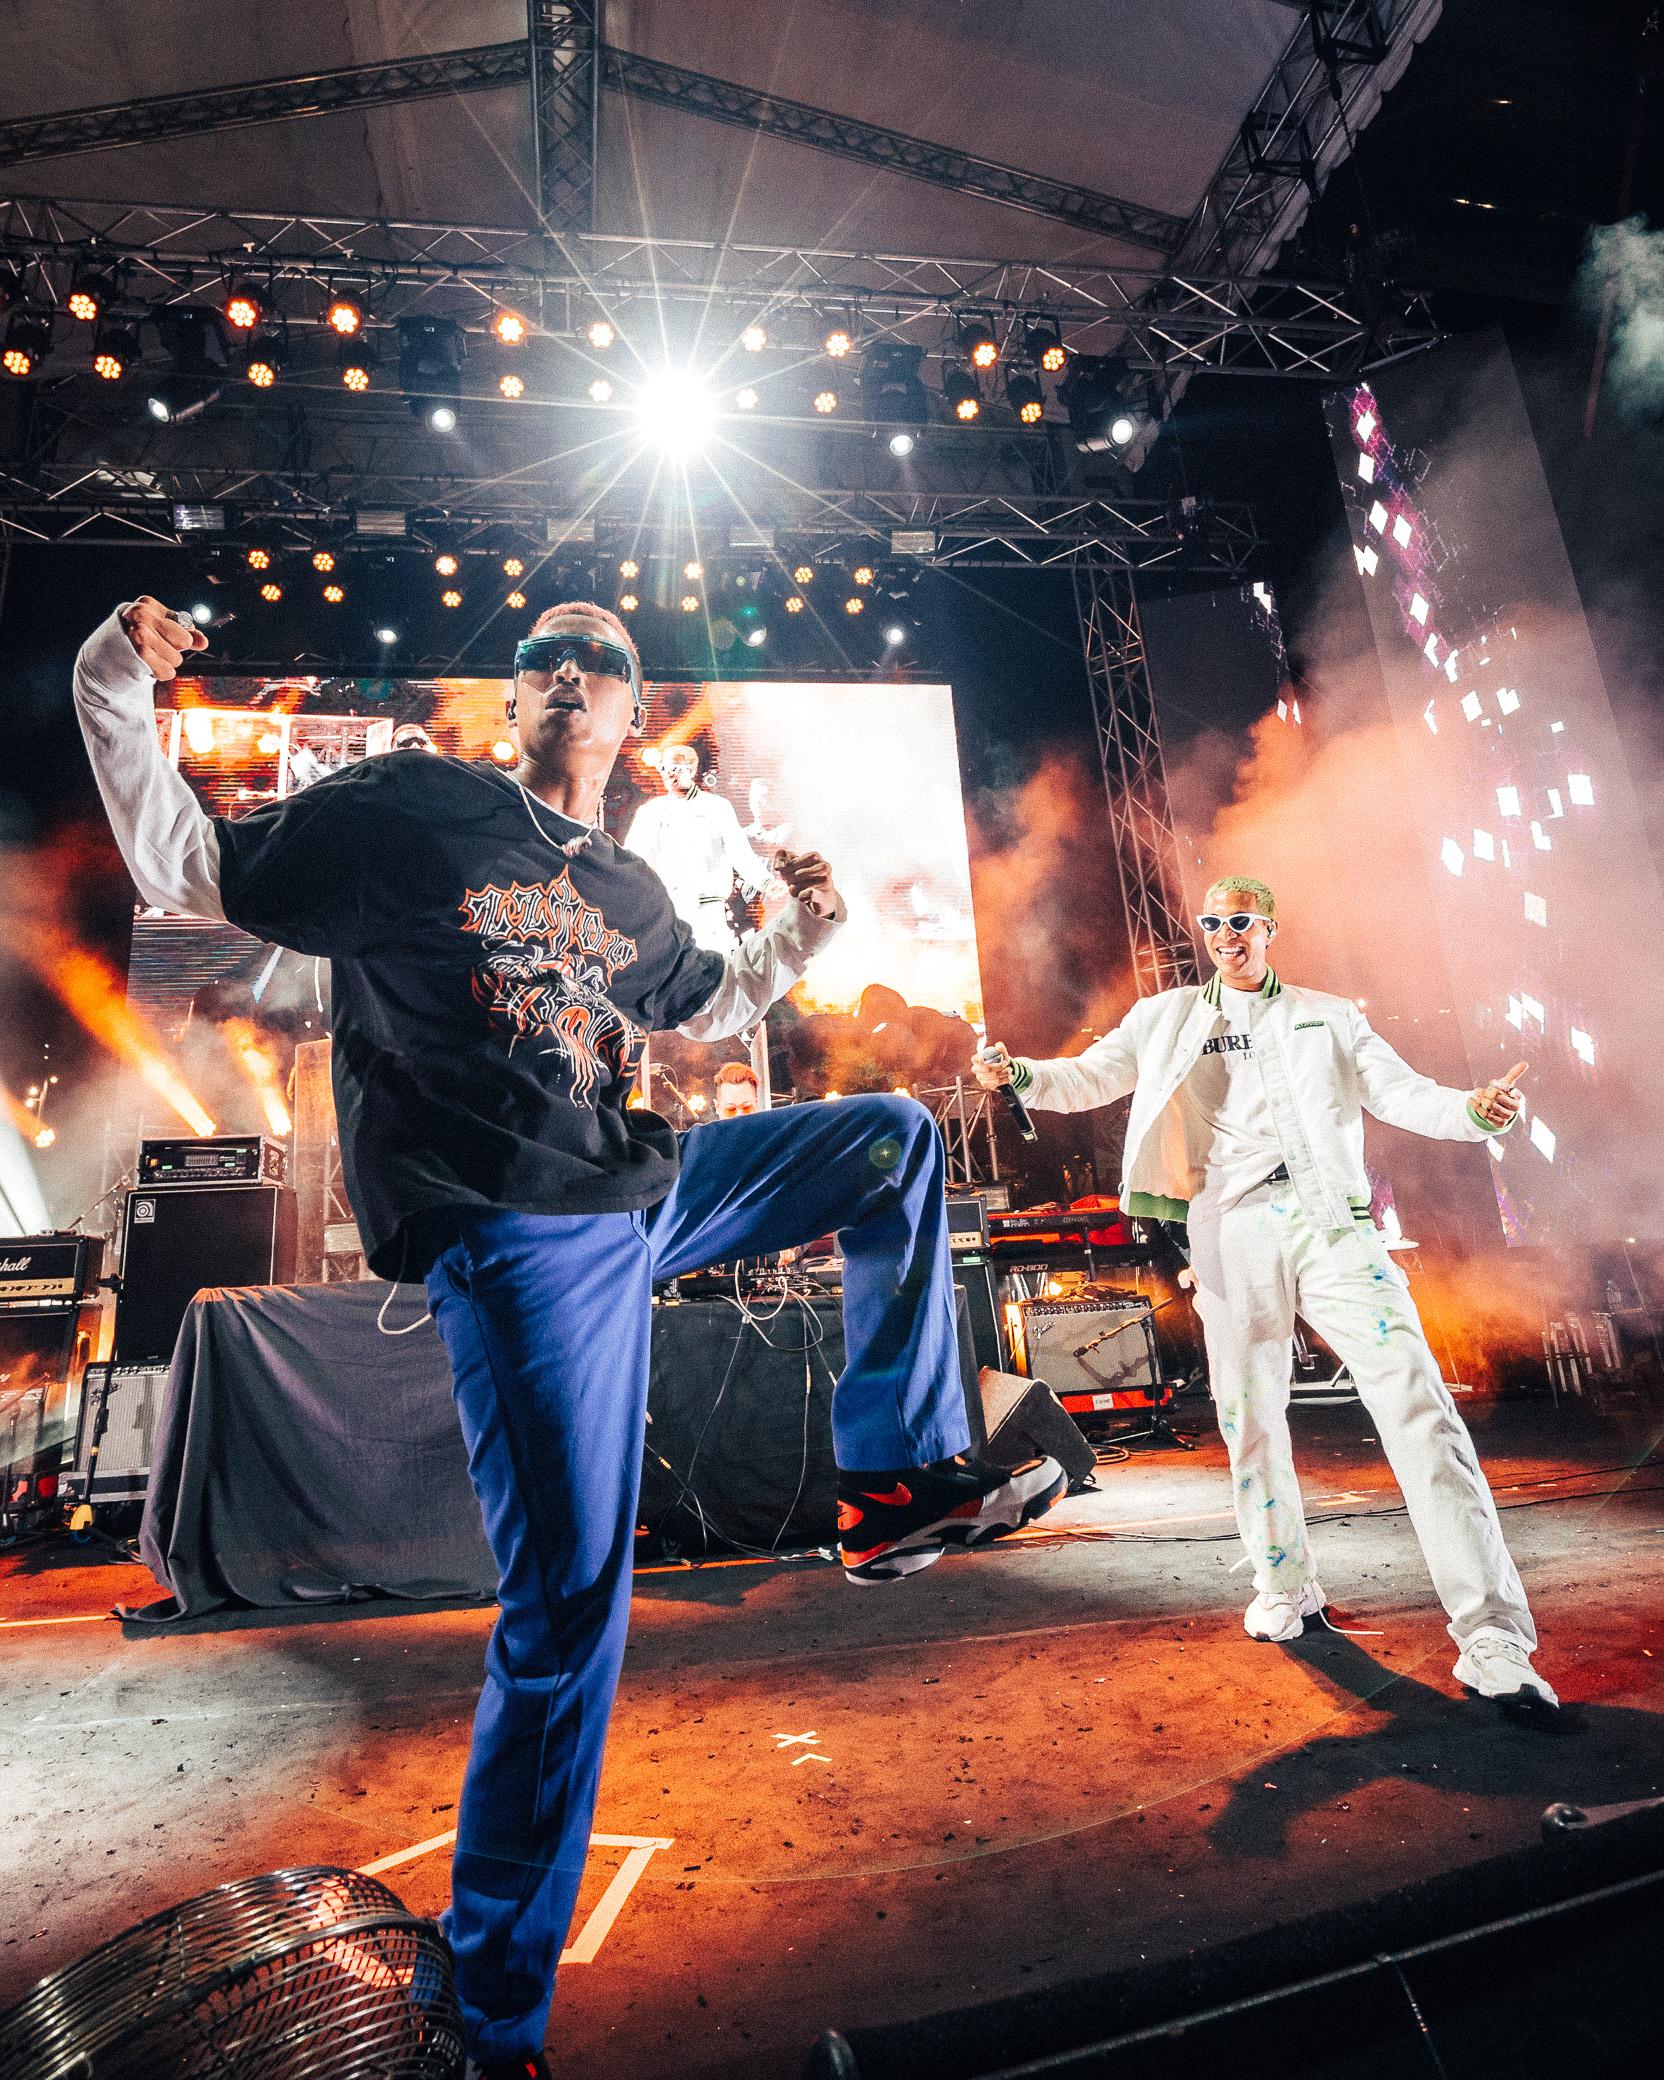 SHINE FESTIVAL 2019: FARIZ JABBA & YUNG RAJA